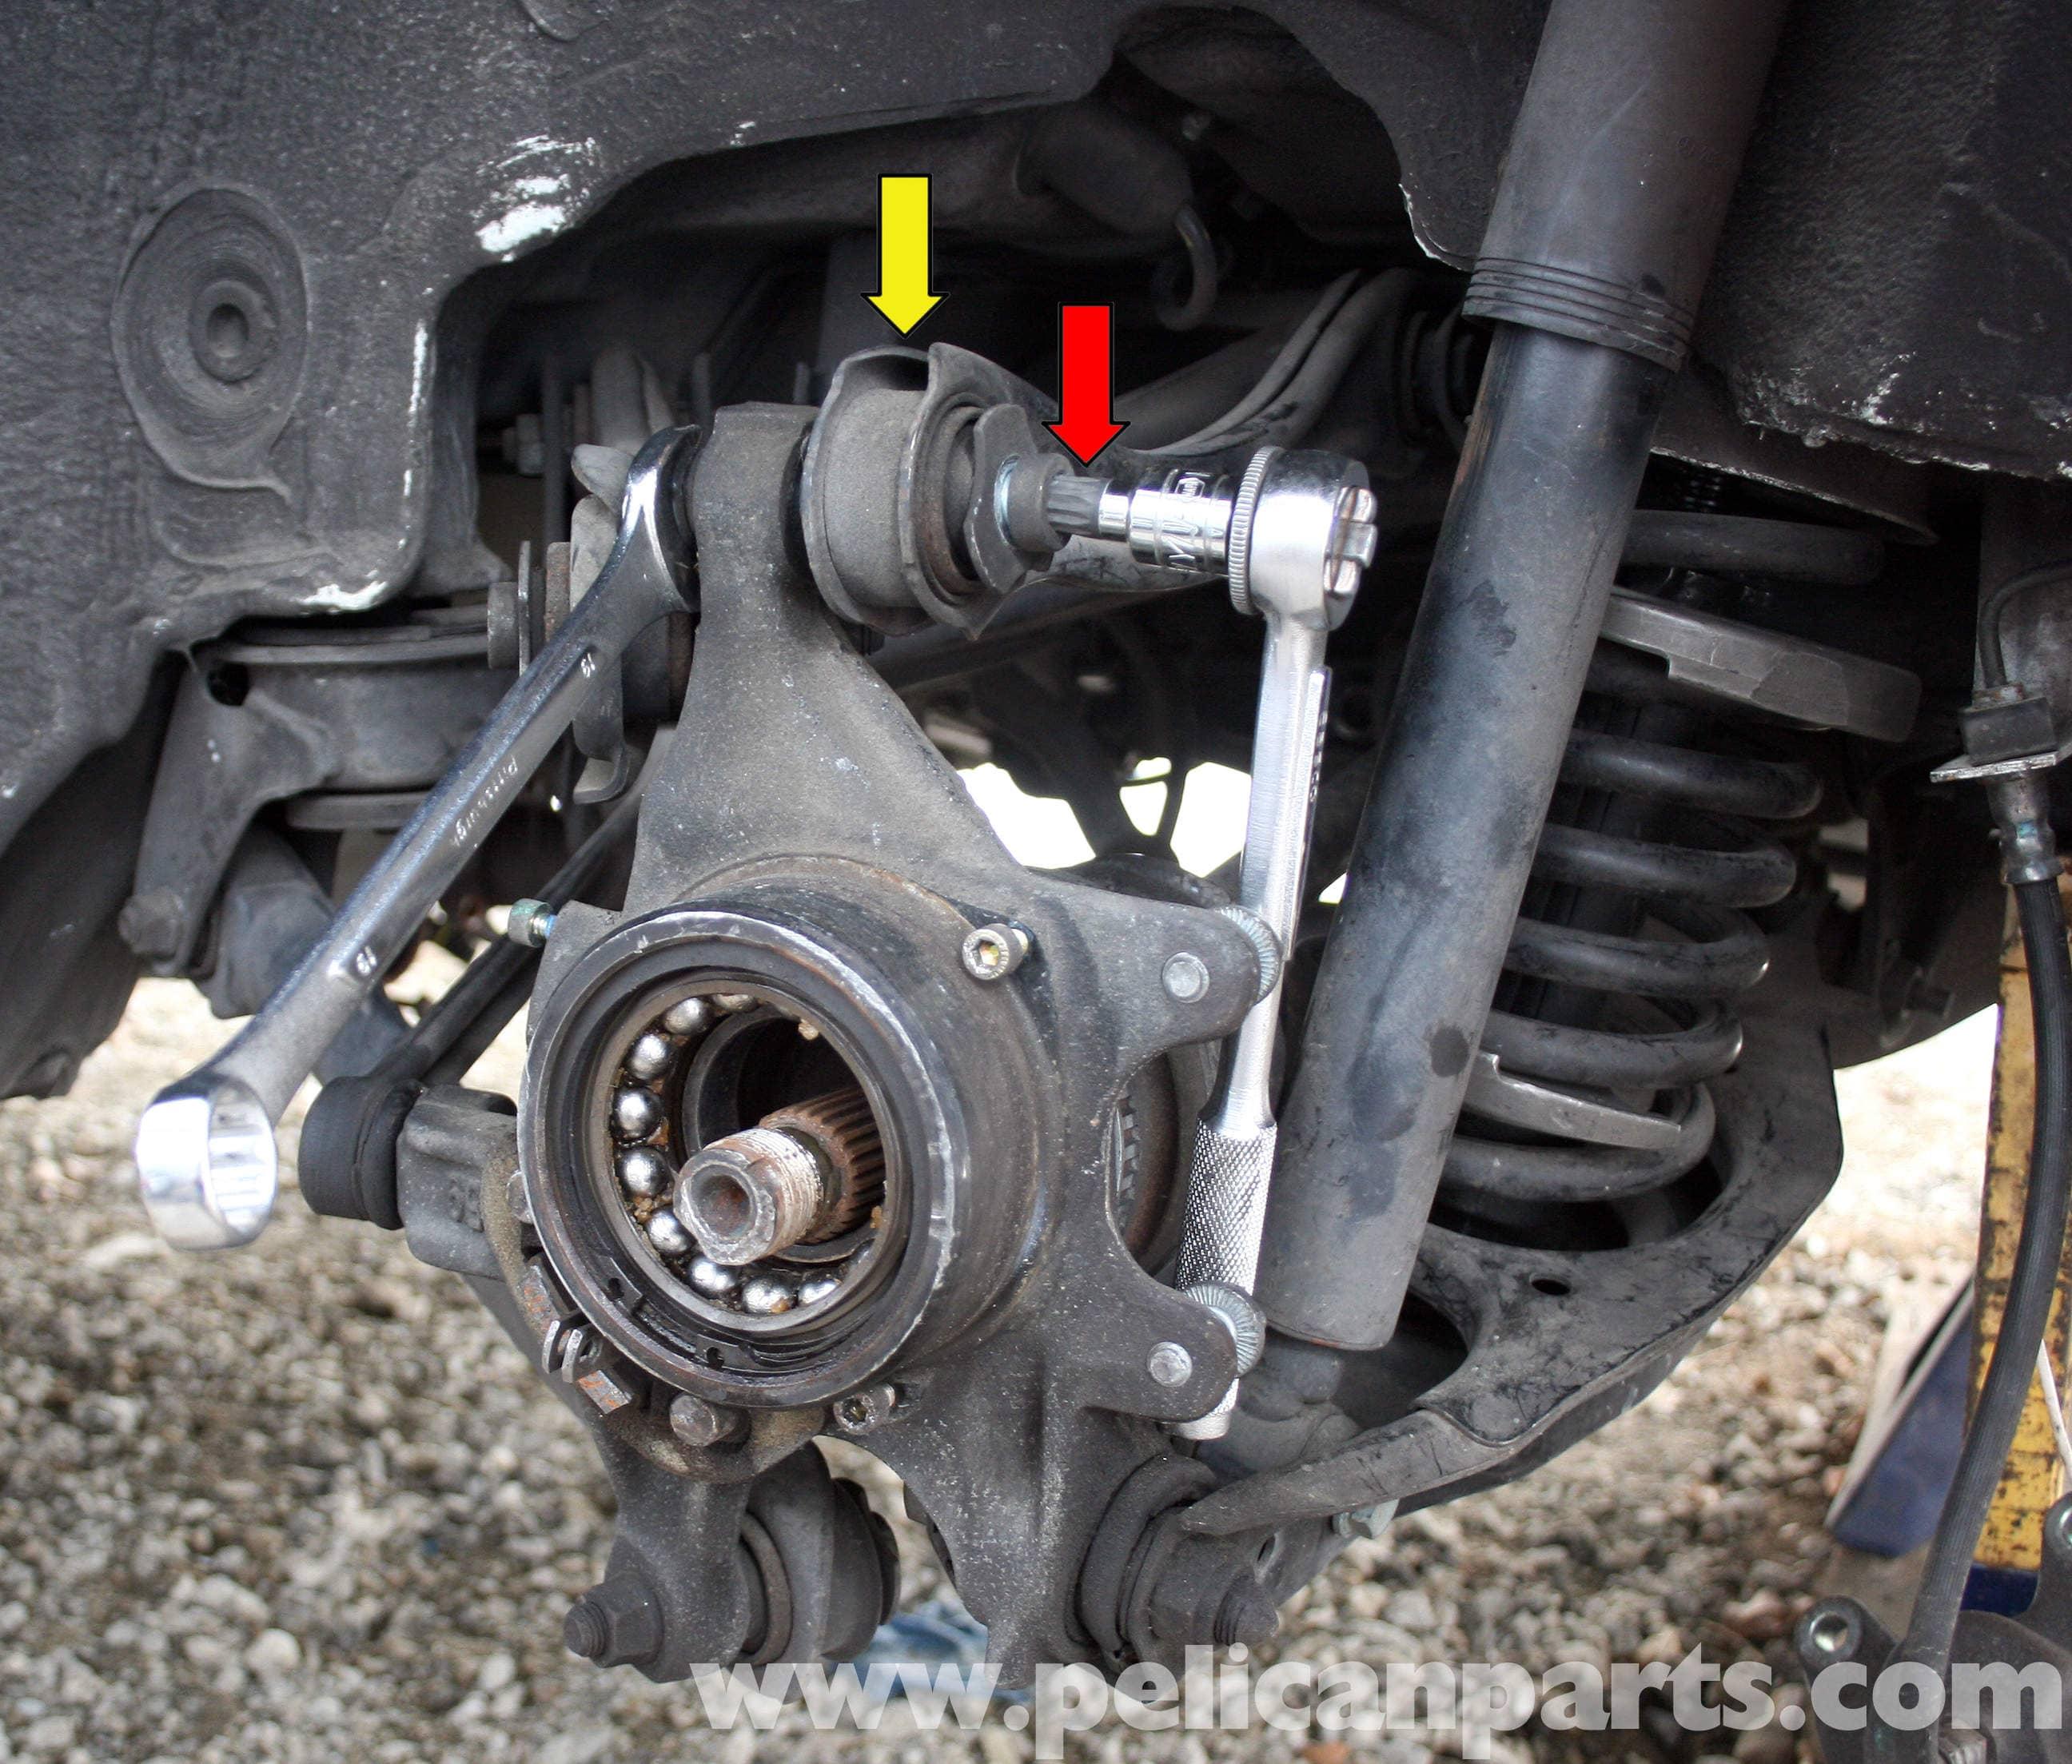 1998 Mercedes Benz Slk Class Suspension: Mercedes-Benz SLK 230 Rear Knuckle Wheel Carrier Removal